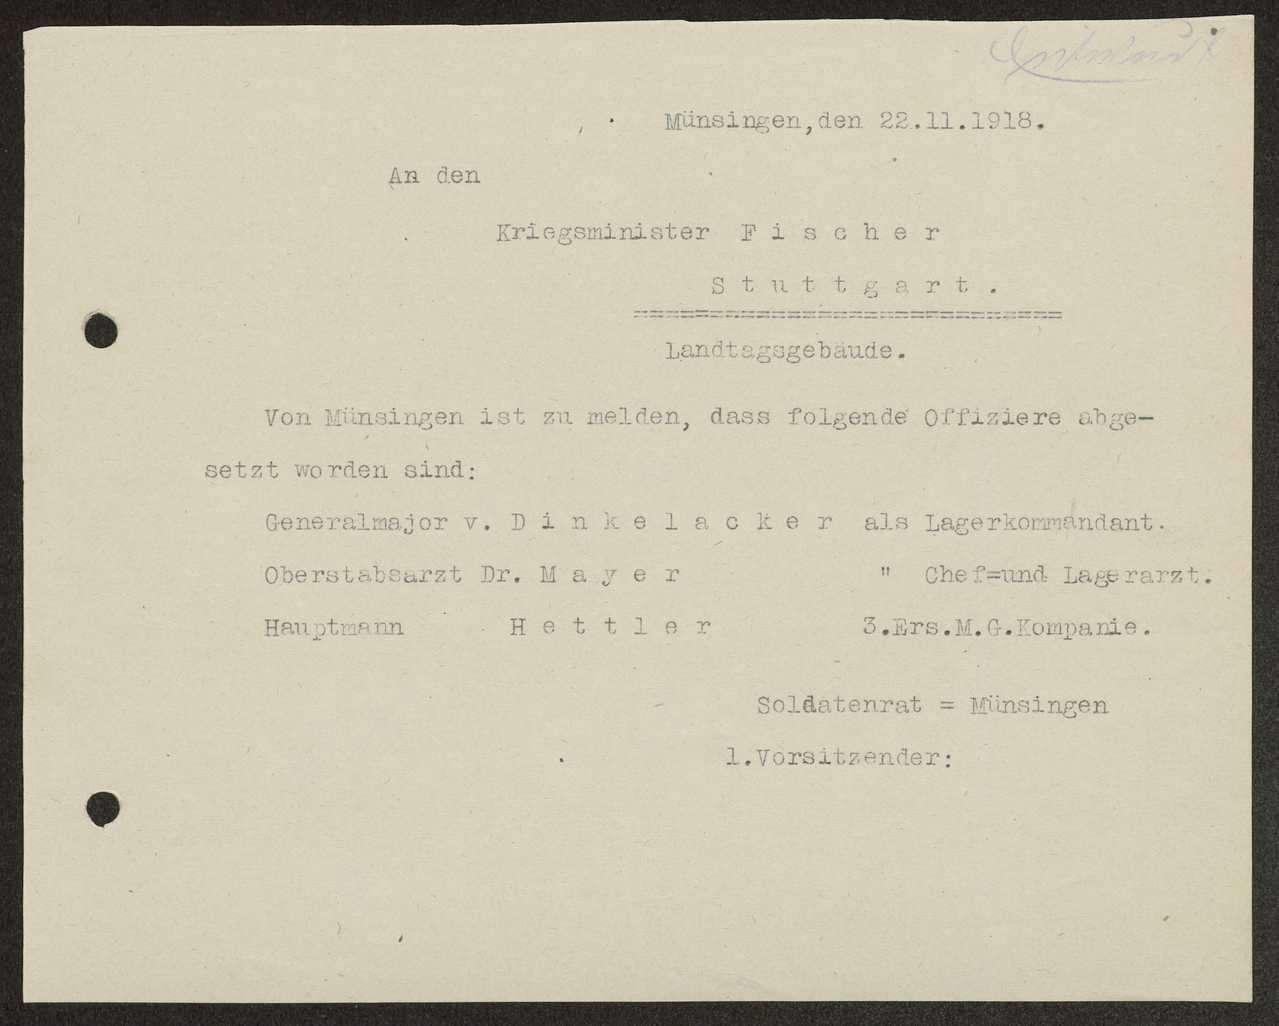 Meldung an den Kriegsminister über die Absetzung von Militärärzten und von Offizieren der Garnison Münsingen, Bild 1